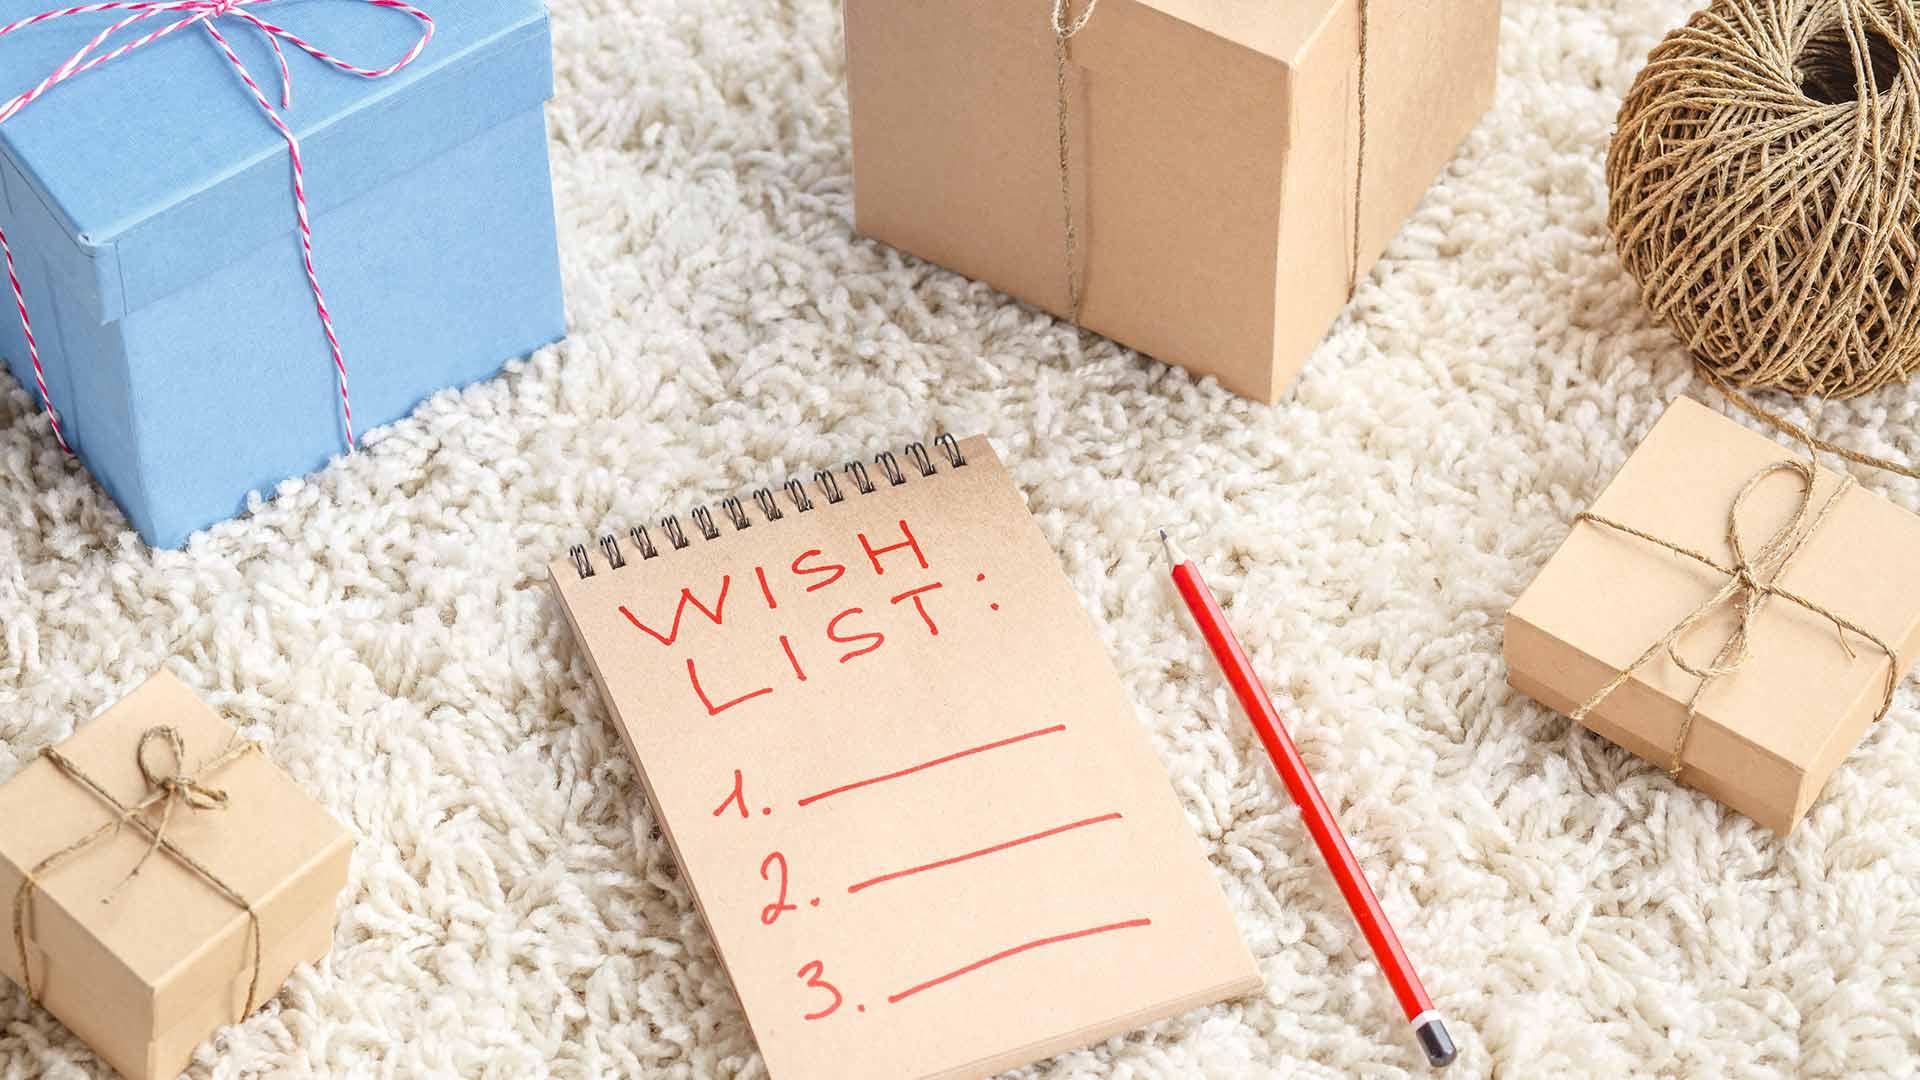 Découvrez comment choisir efficacement vos dotations